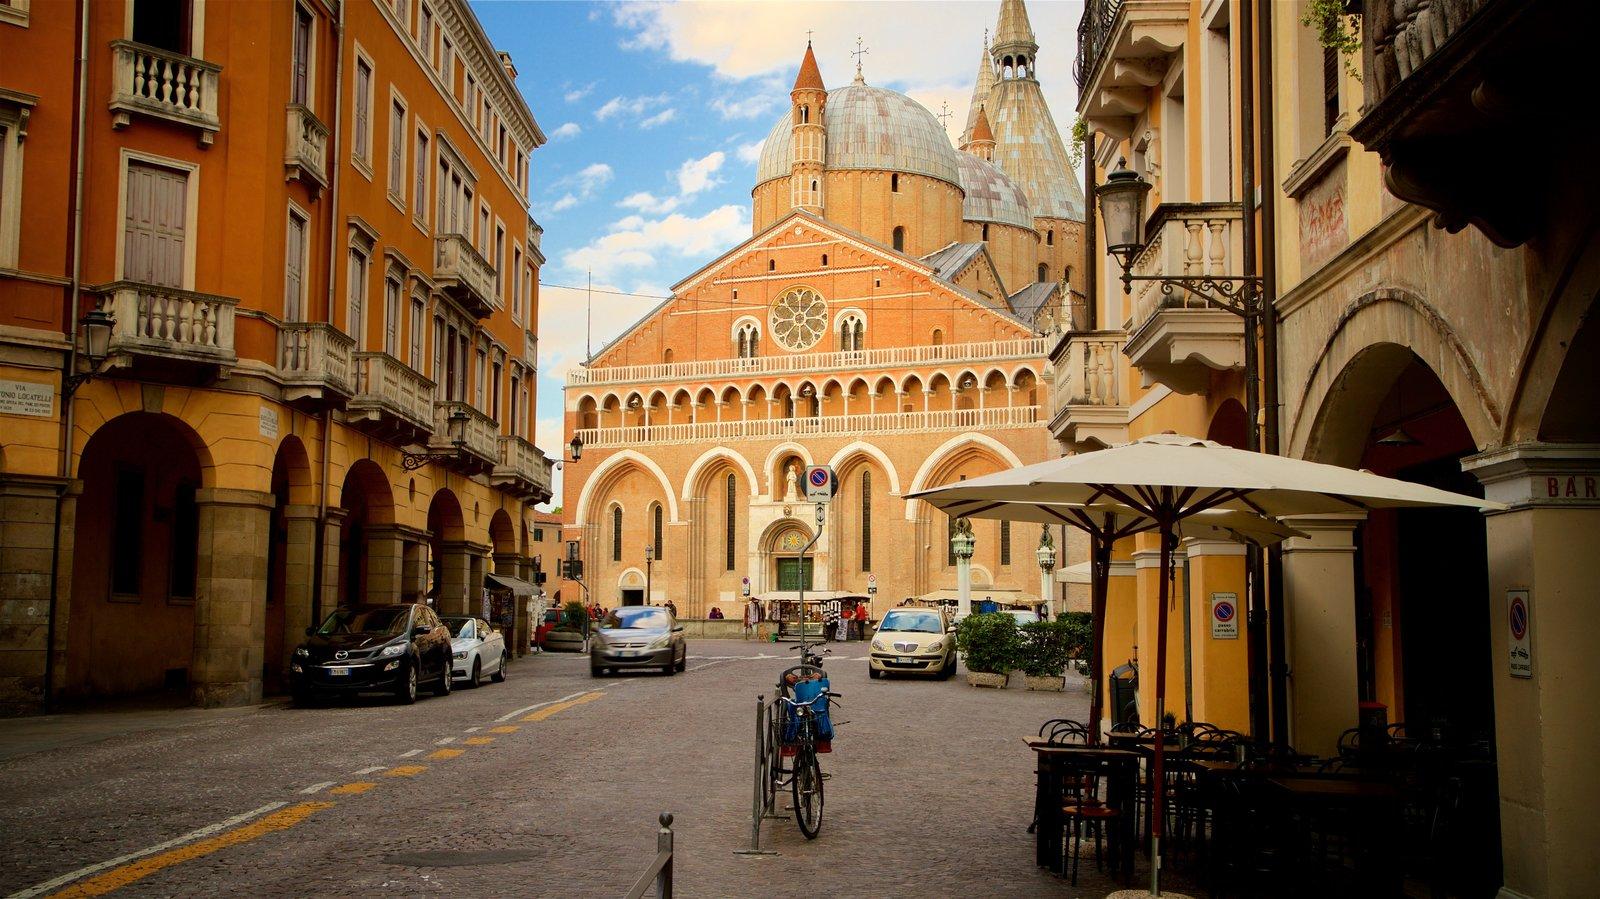 Basilica di Sant\'Antonio da Padova which includes heritage architecture and a church or cathedral